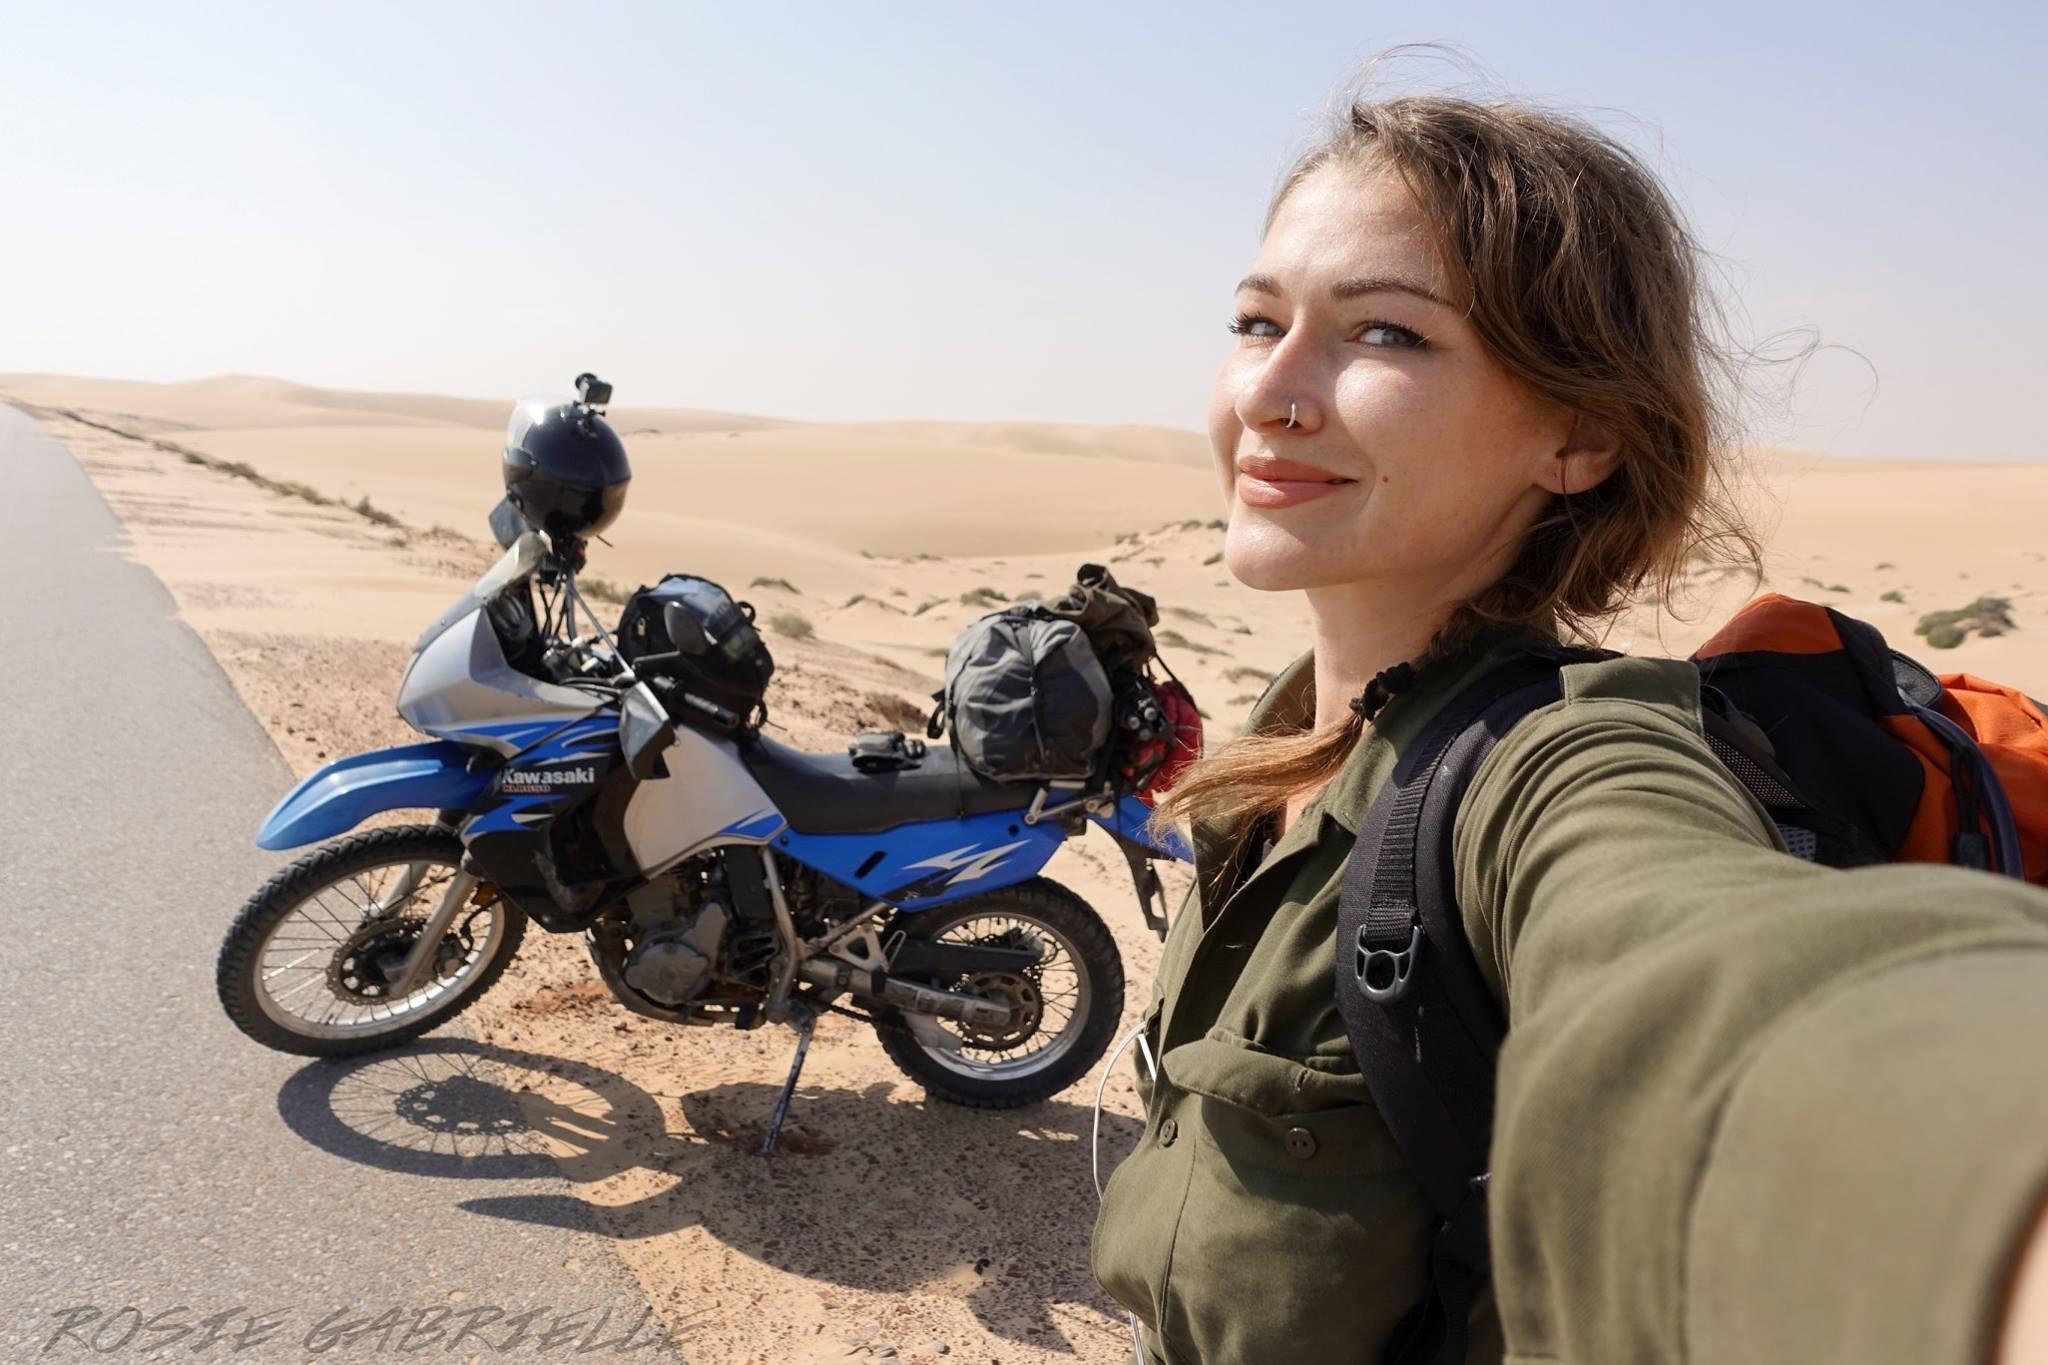 15 жени, които обикалят света с мотоциклет сами: 07 – Роузи Габриел